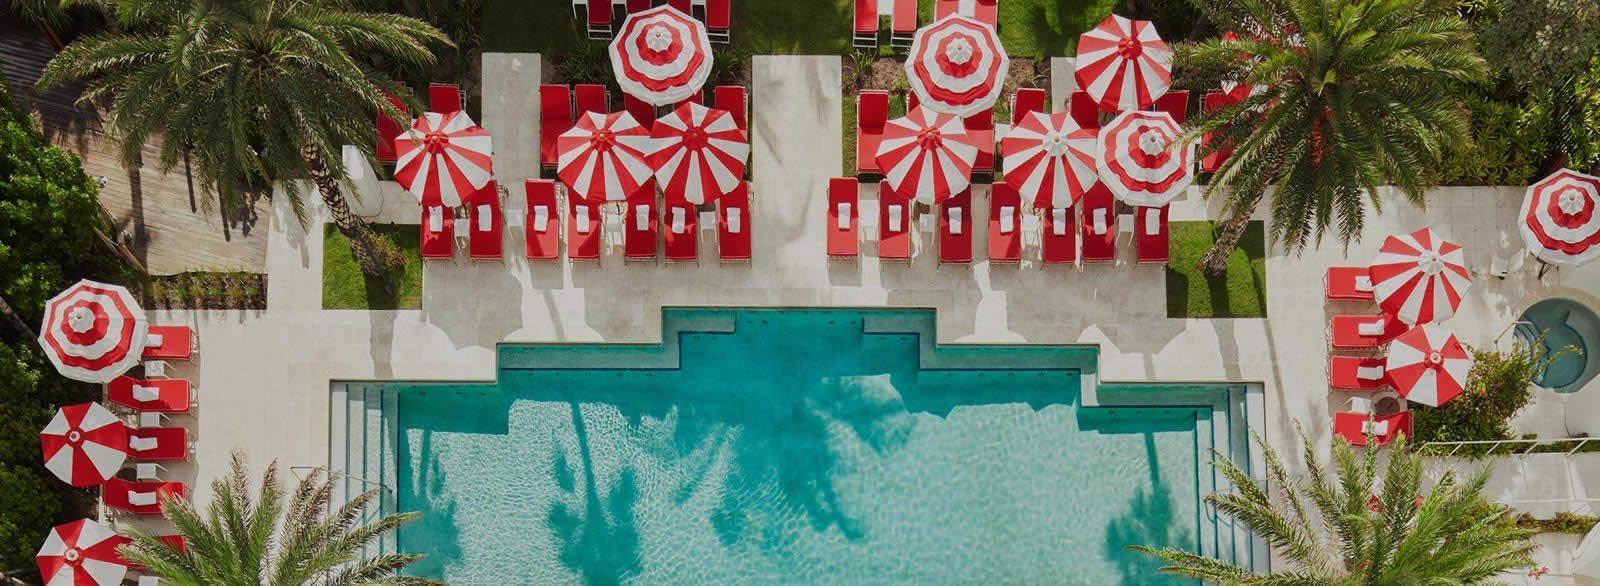 hotels-exceptionnels-luxe-meilleurs-tarifs